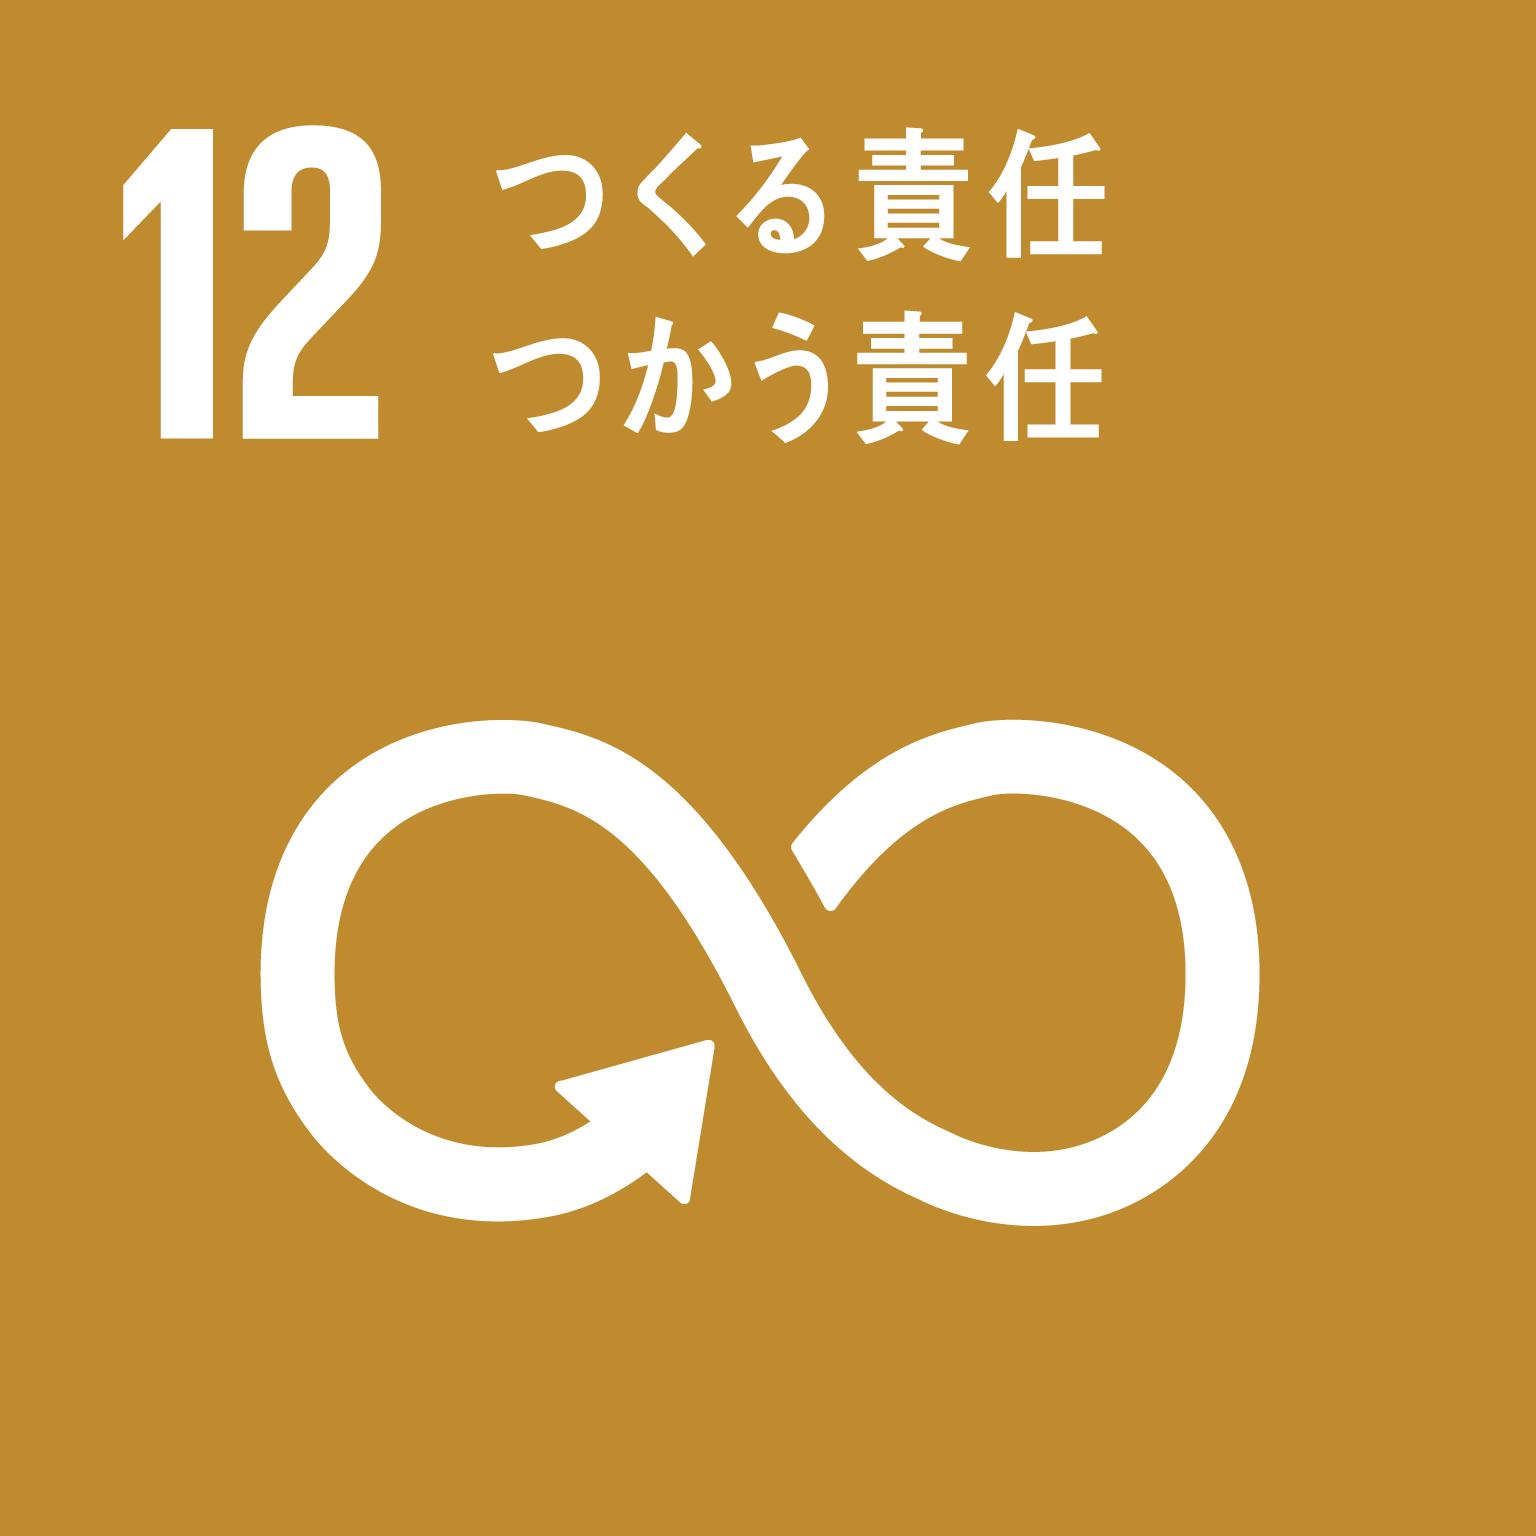 12. つくる責任つかう責任